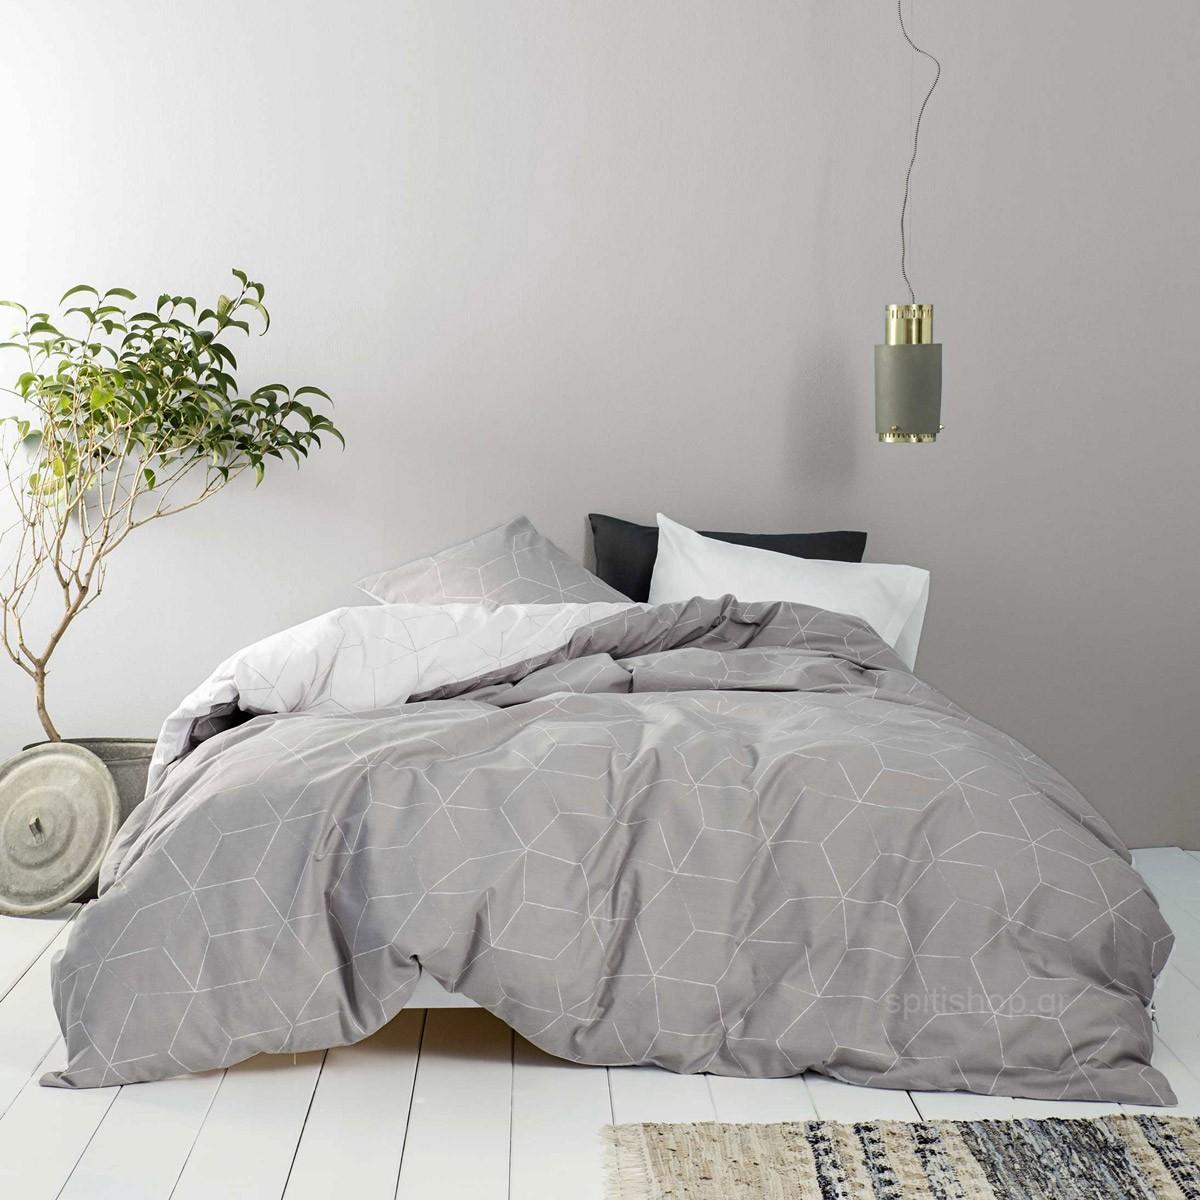 Σεντόνια Μονά (Σετ) Nima Bed Linen Fade Grey ΜΕ ΛΑΣΤΙΧΟ 100×200+32 ΜΕ ΛΑΣΤΙΧΟ 100×200+32